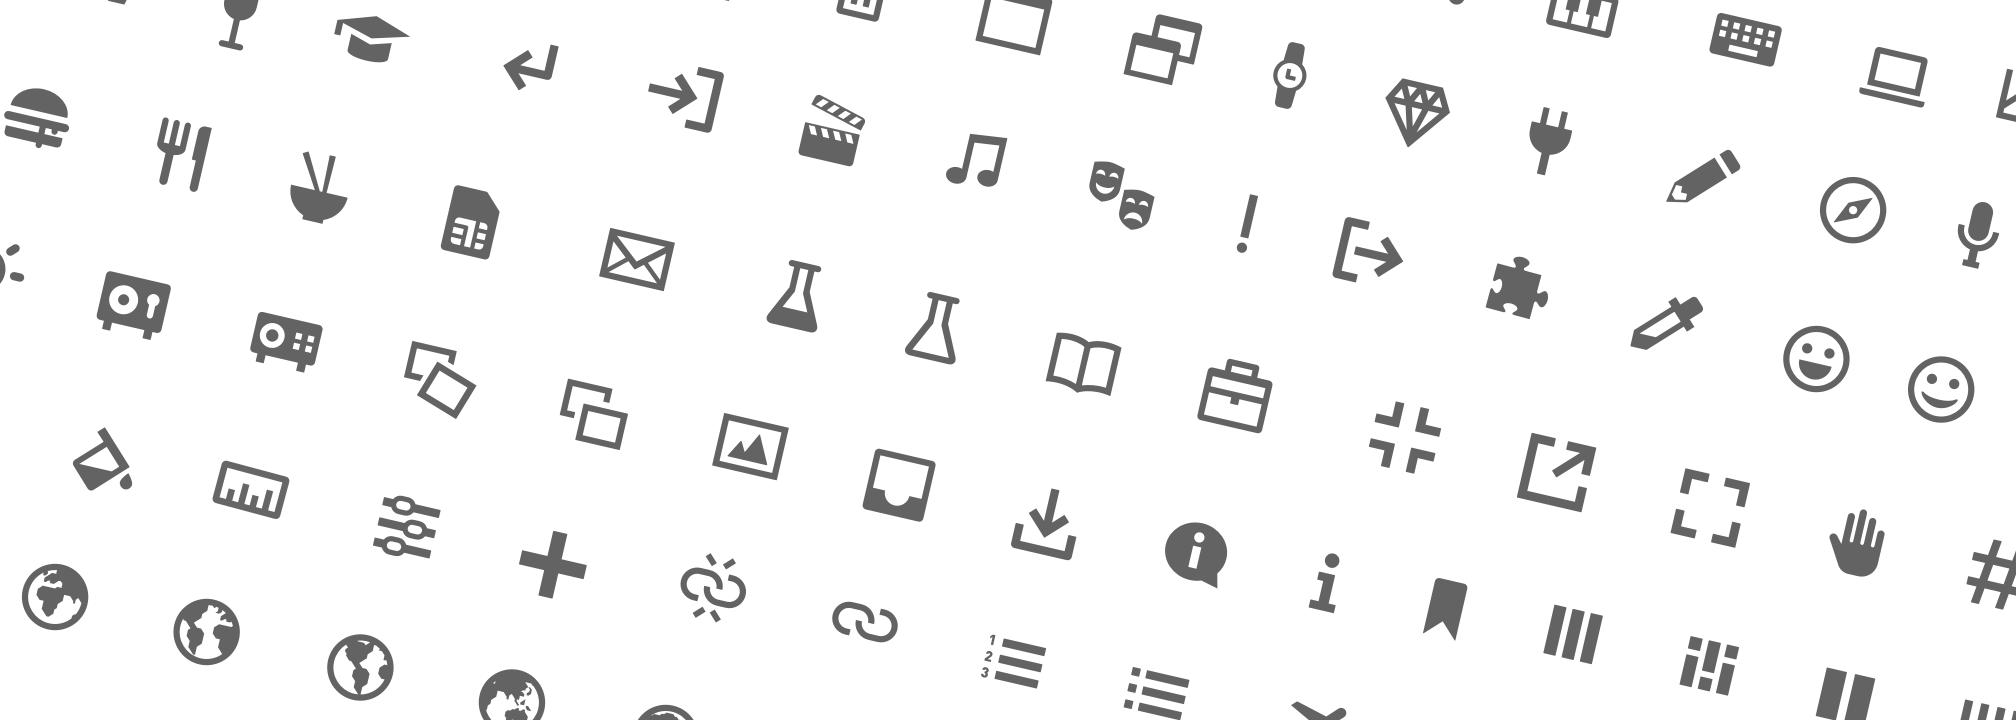 Icon set specimen